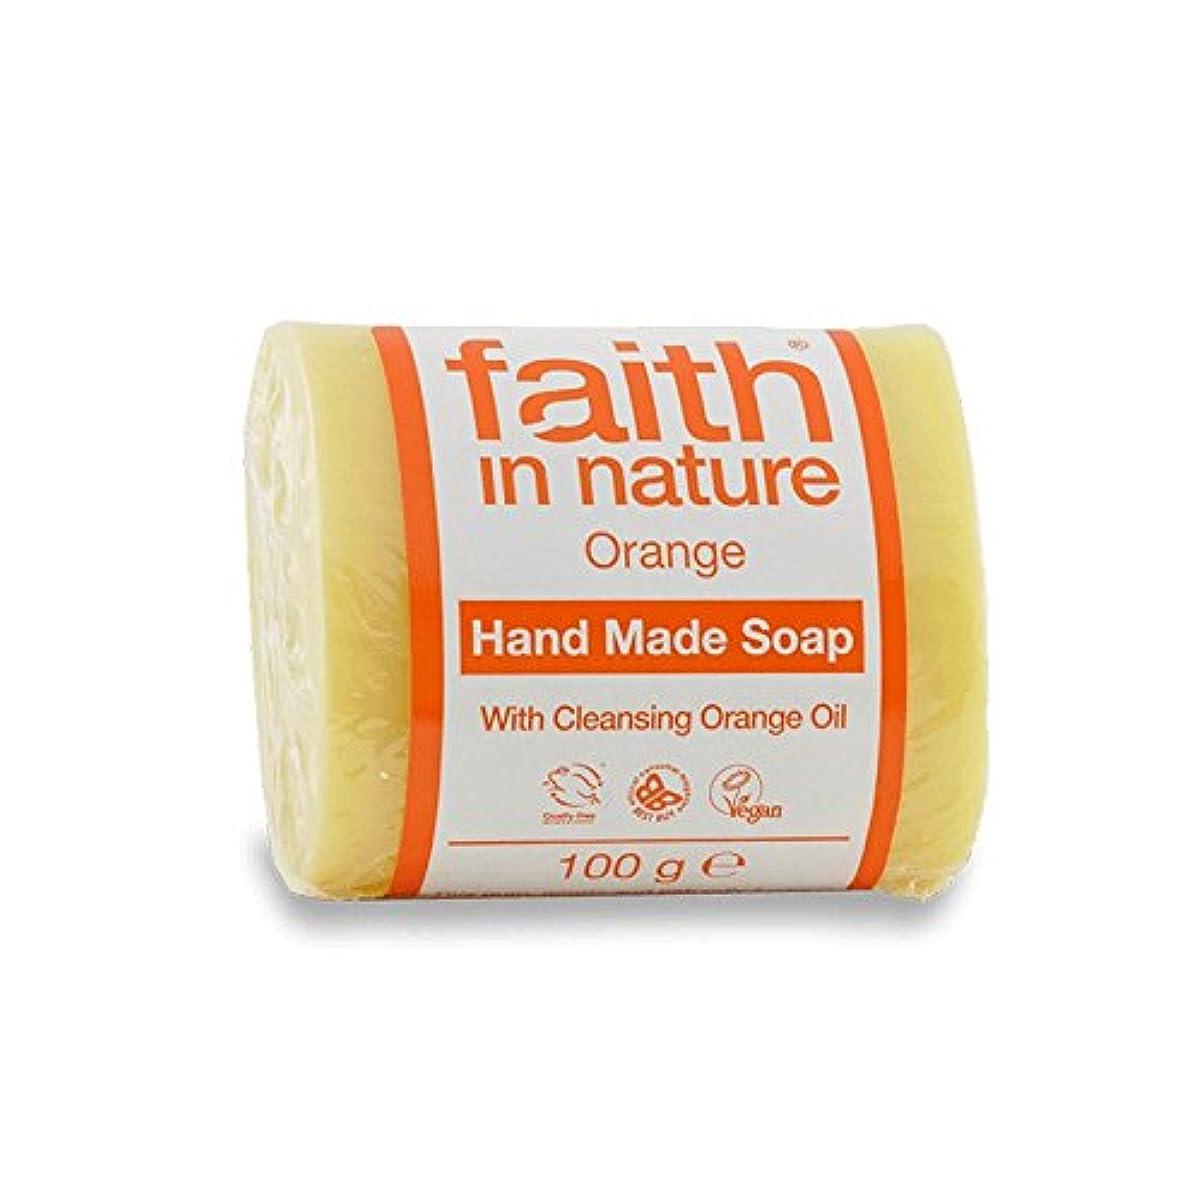 シェトランド諸島業界郵便物自然オレンジ色の石鹸100グラムの信仰 - Faith in Nature Orange Soap 100g (Faith in Nature) [並行輸入品]